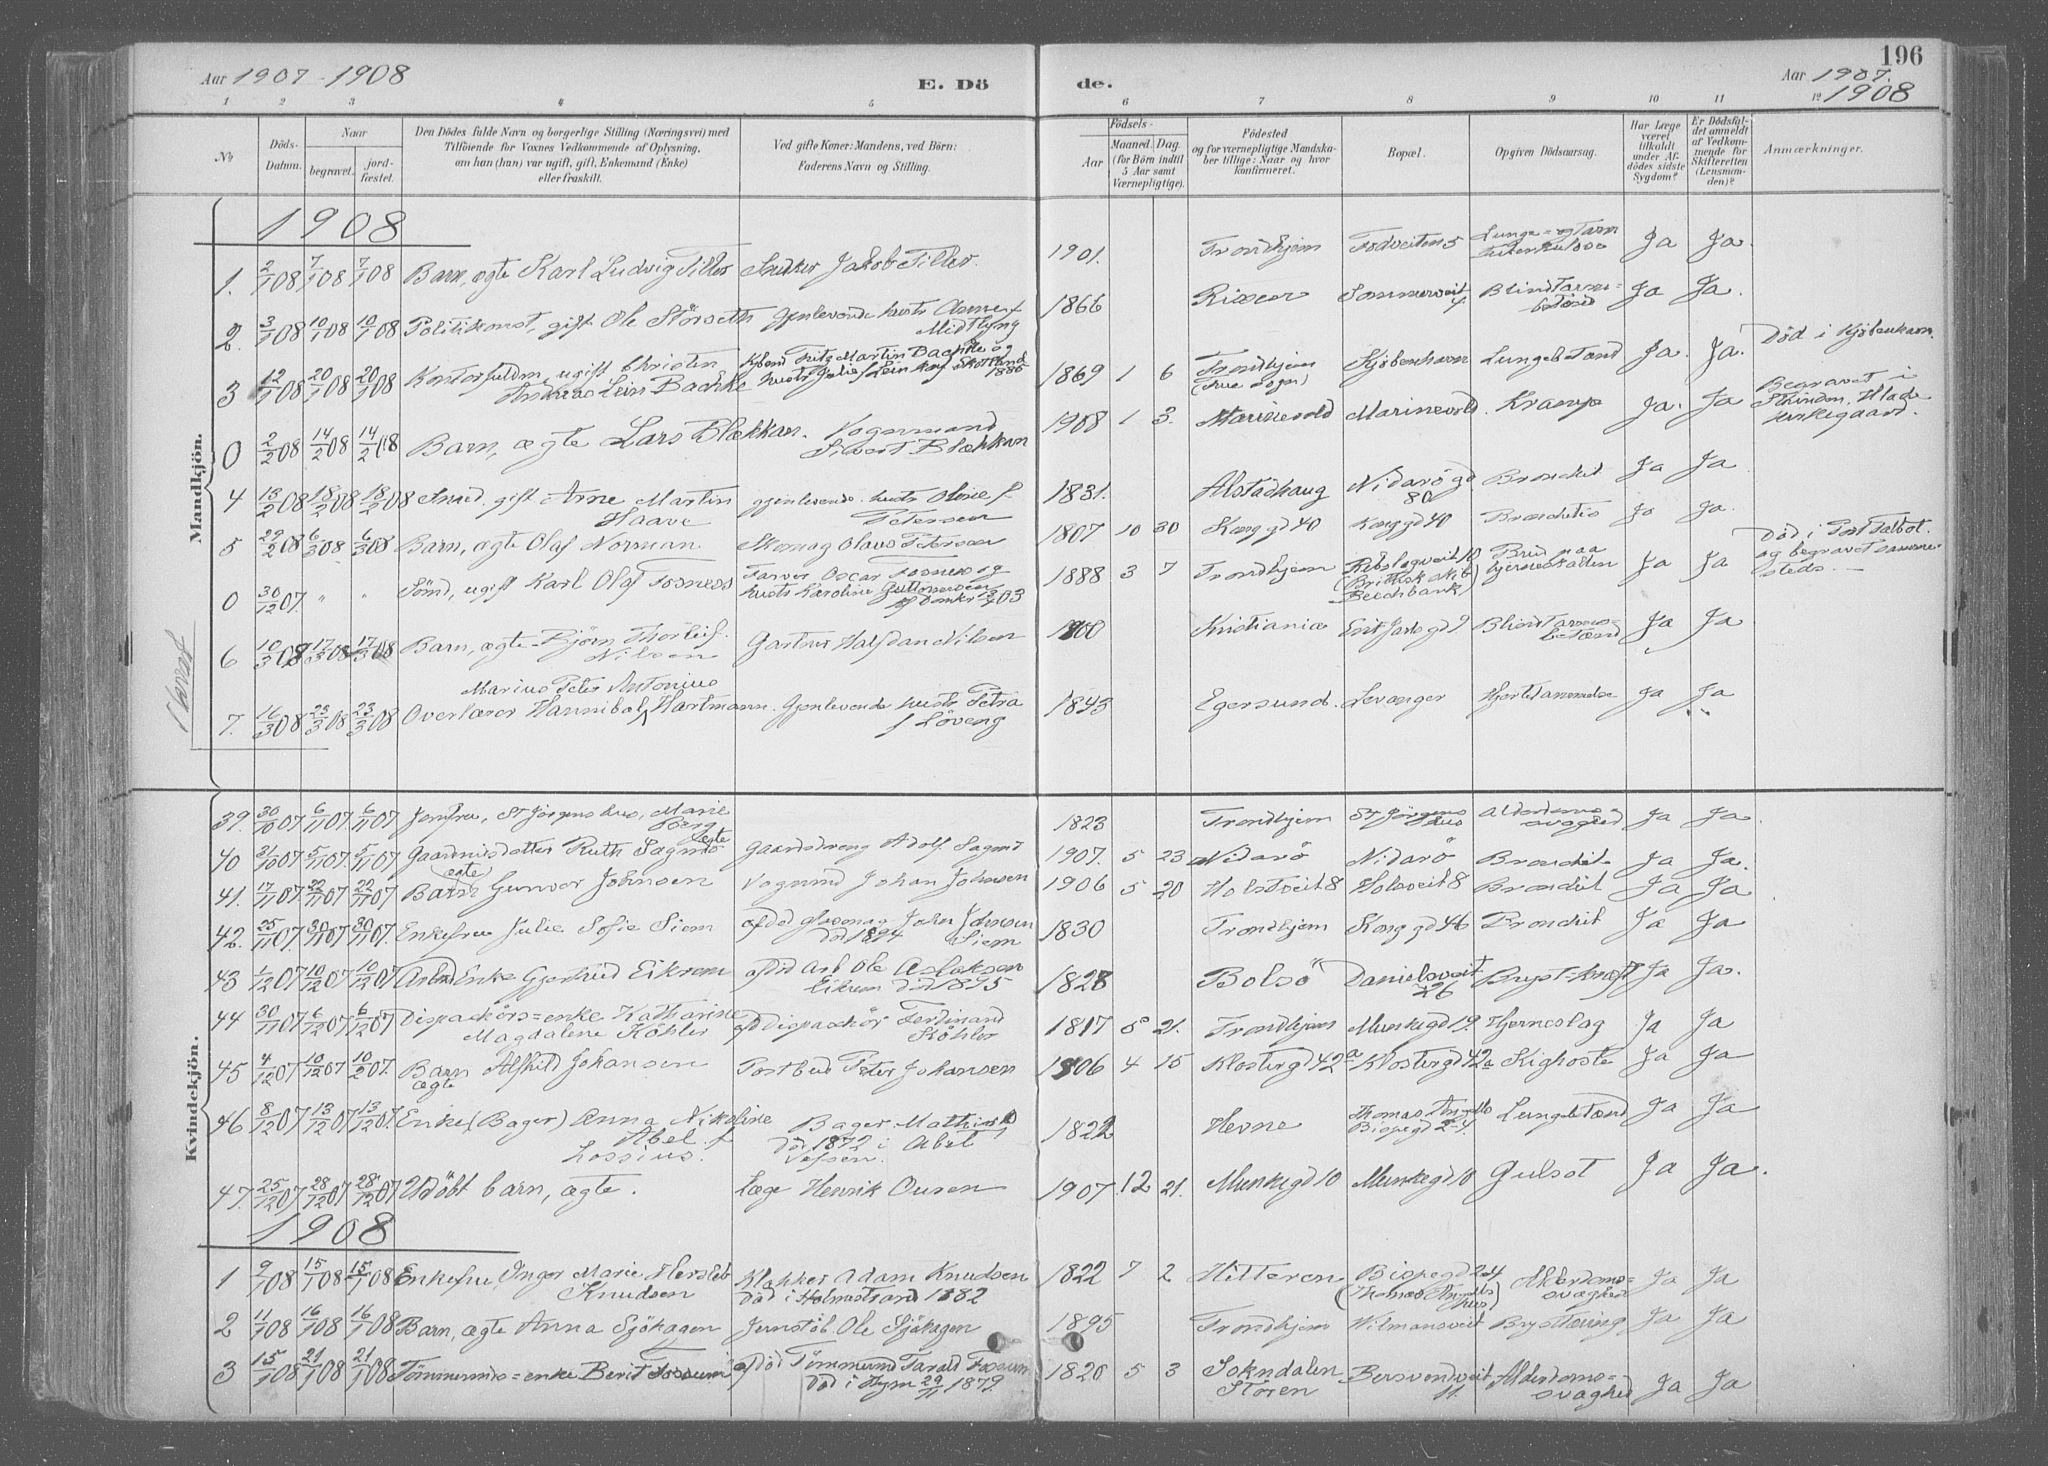 SAT, Ministerialprotokoller, klokkerbøker og fødselsregistre - Sør-Trøndelag, 601/L0064: Ministerialbok nr. 601A31, 1891-1911, s. 196